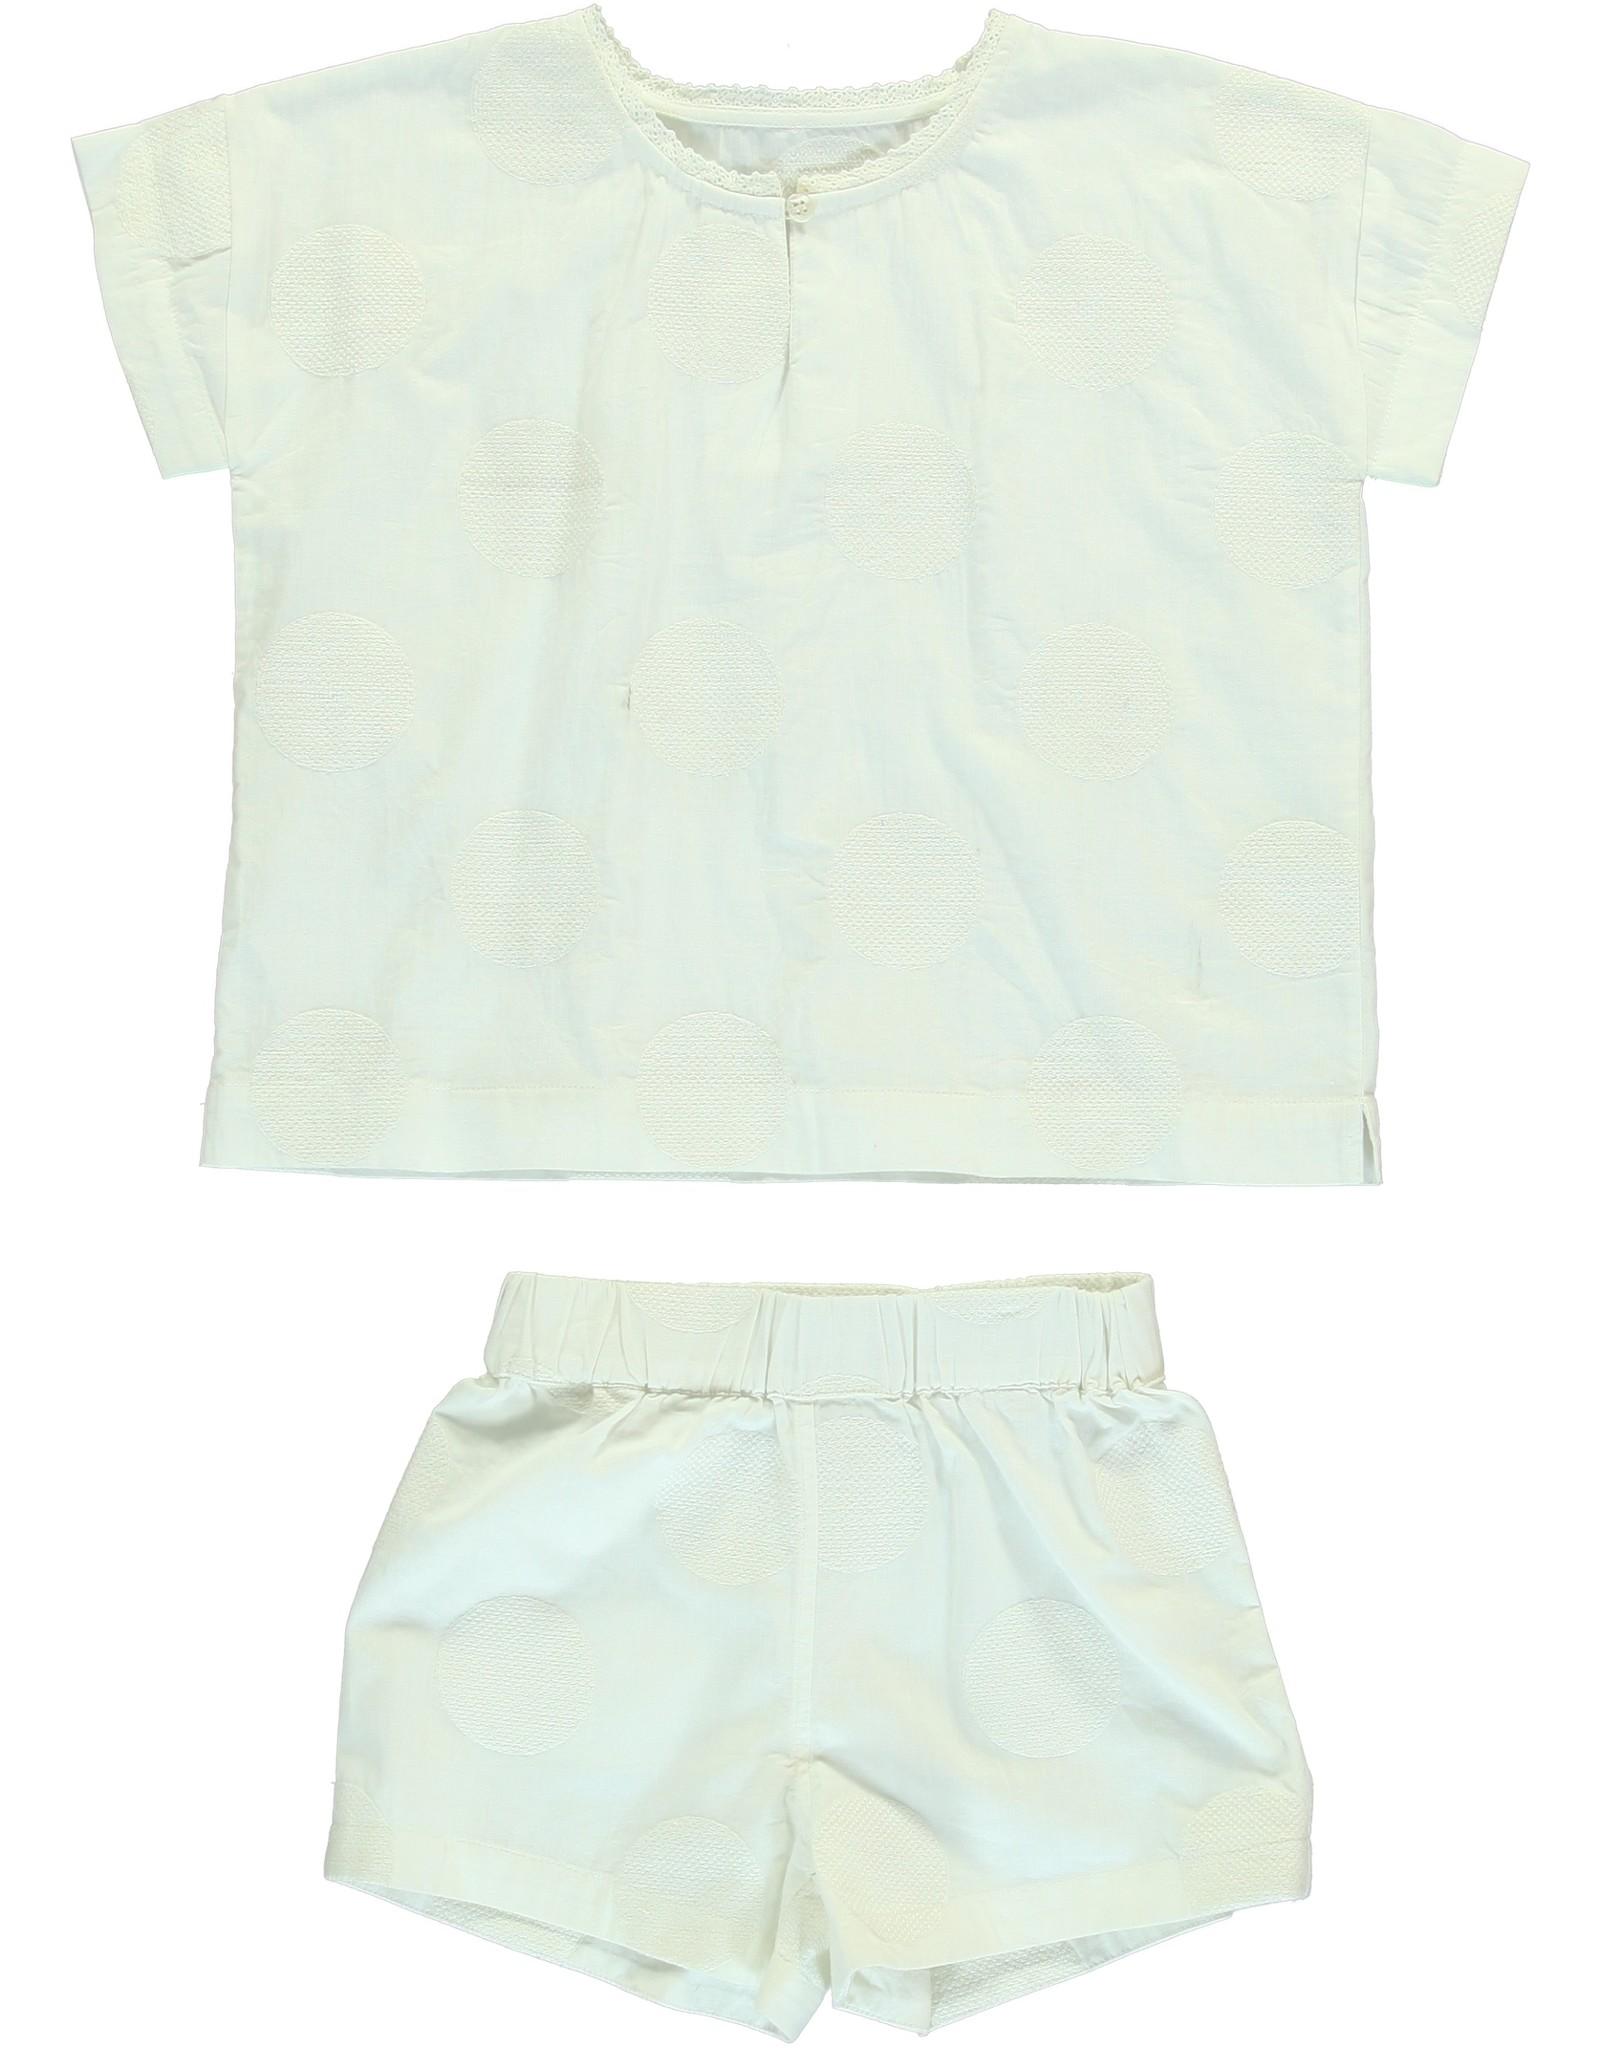 Dorélit Calypso & Cupido   Pajama Set Woven   Offwhite